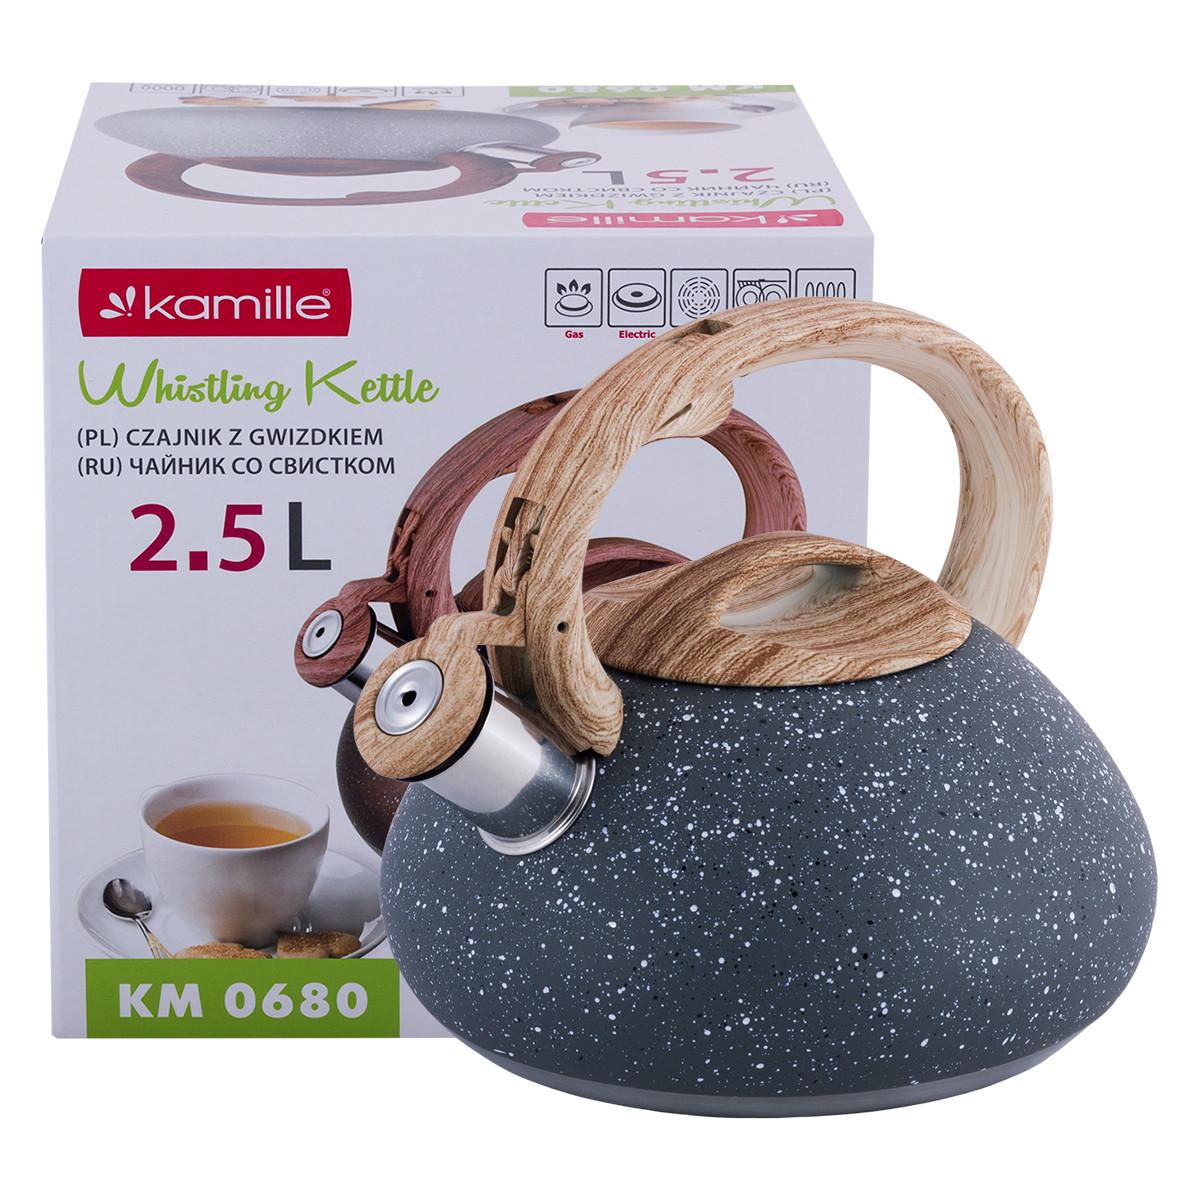 Чайник Kamille 2.5л из нержавеющей стали со свистком и бакелитовой ручкой (коричневый, серый, светл. серый) KM-0680